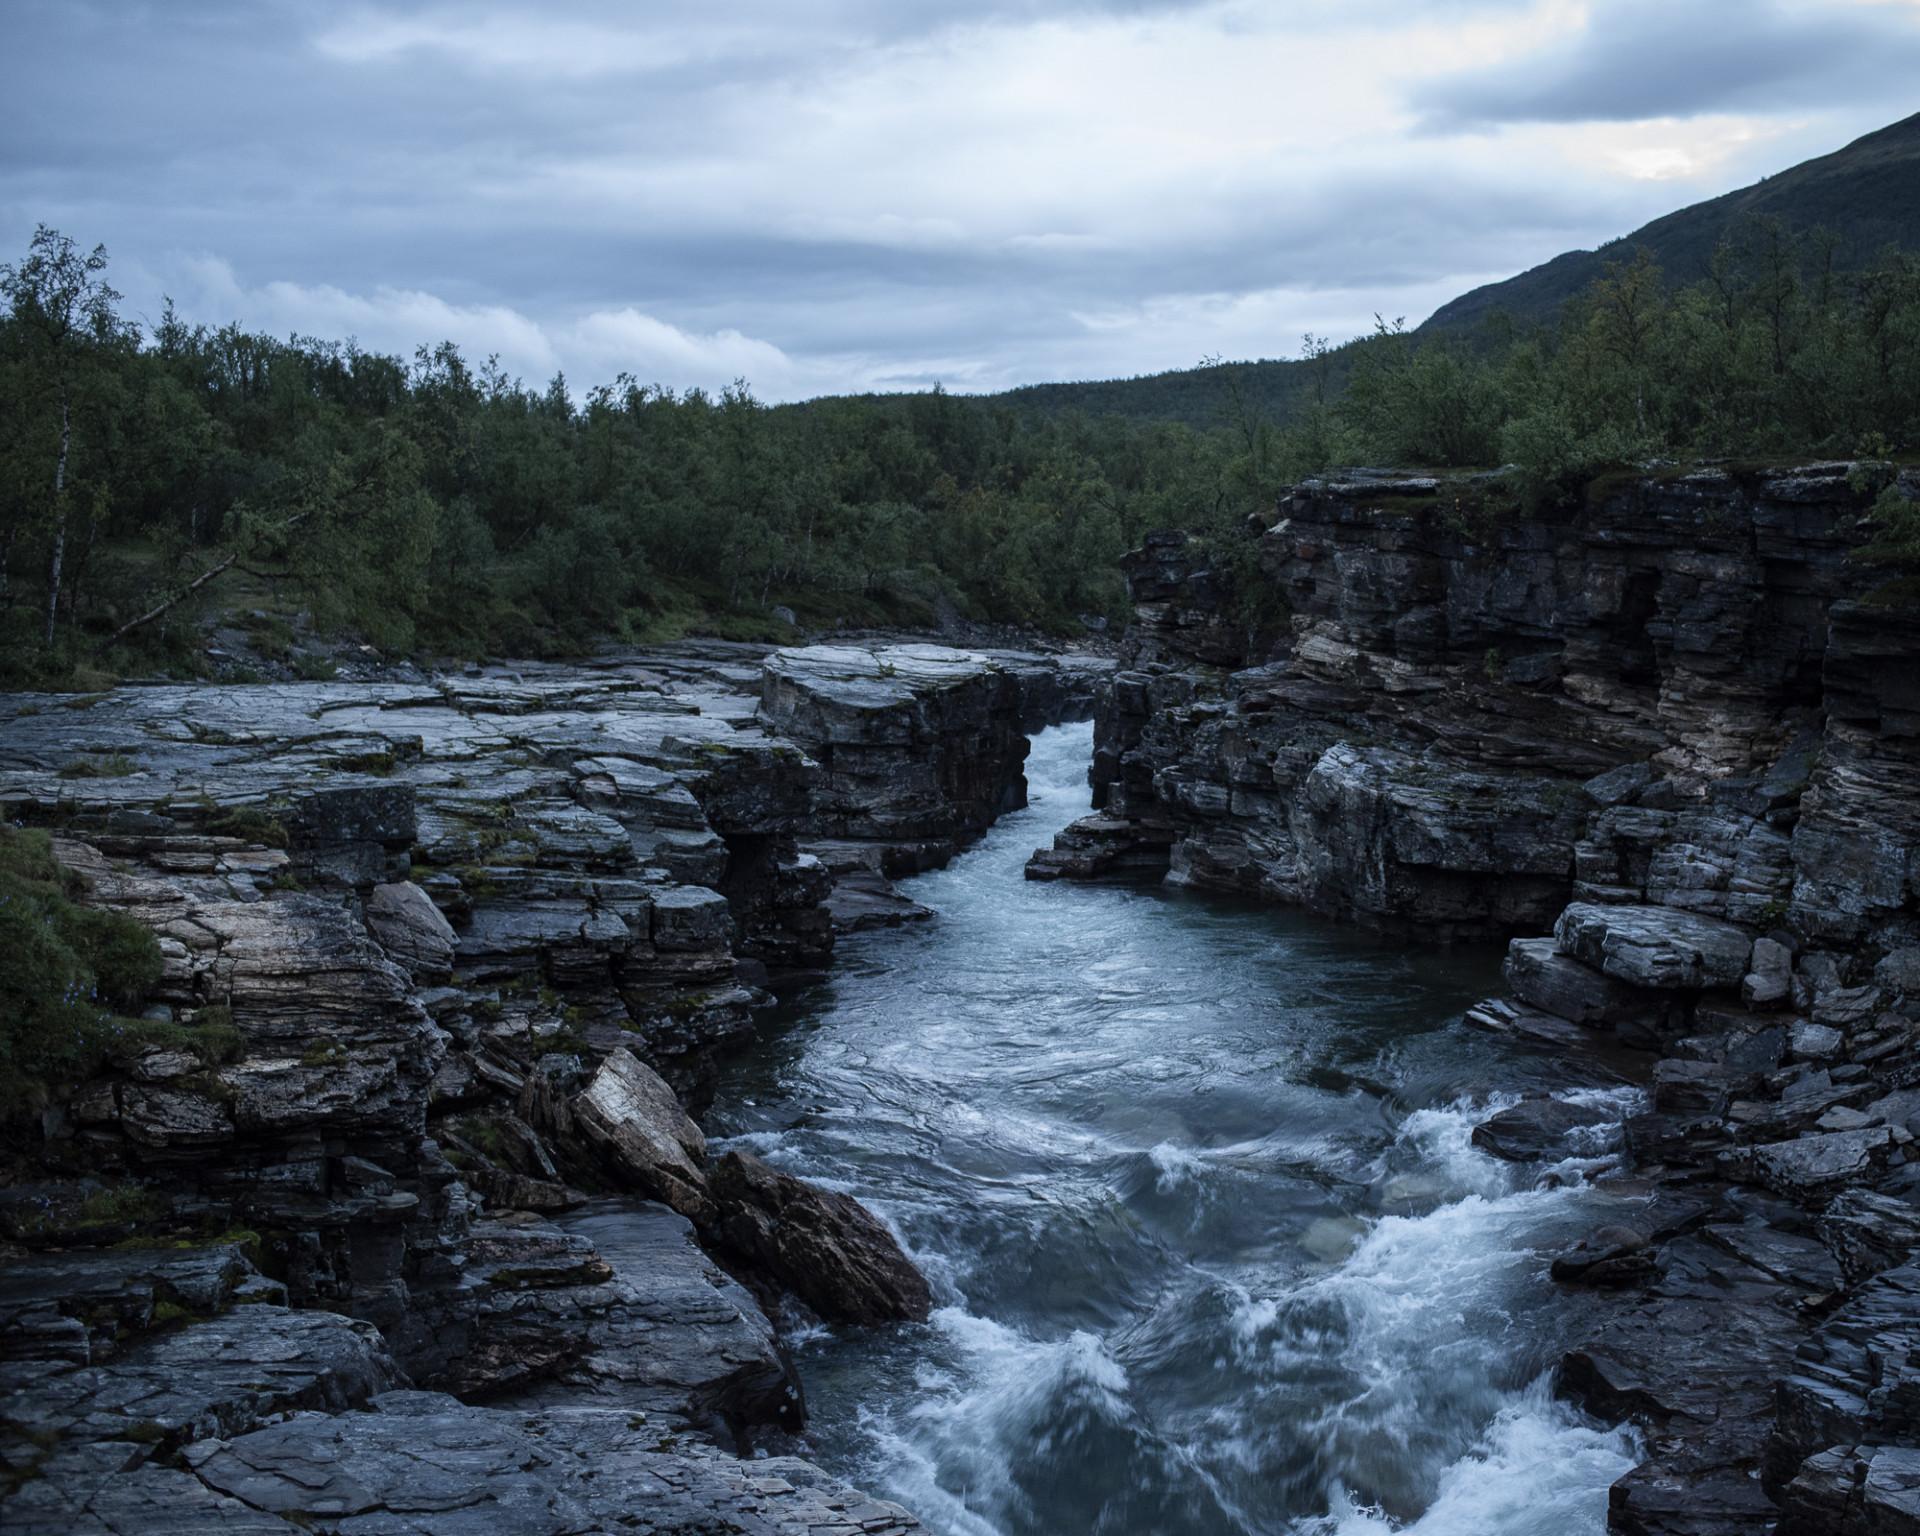 Ett strömt vattenfall med skog och karga klippor runtomkring. Foto: Camilla Andersen/ Nordiska museet